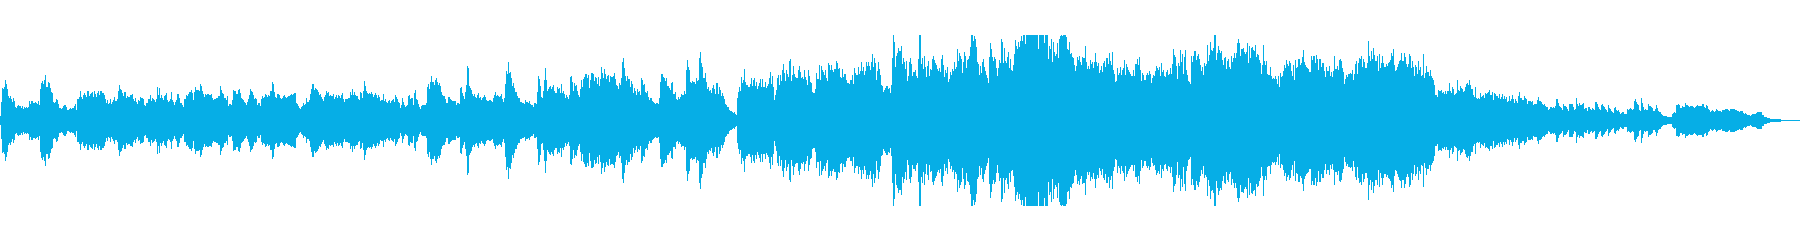 ゆったりと壮大なオーケストラサウンドの再生済みの波形